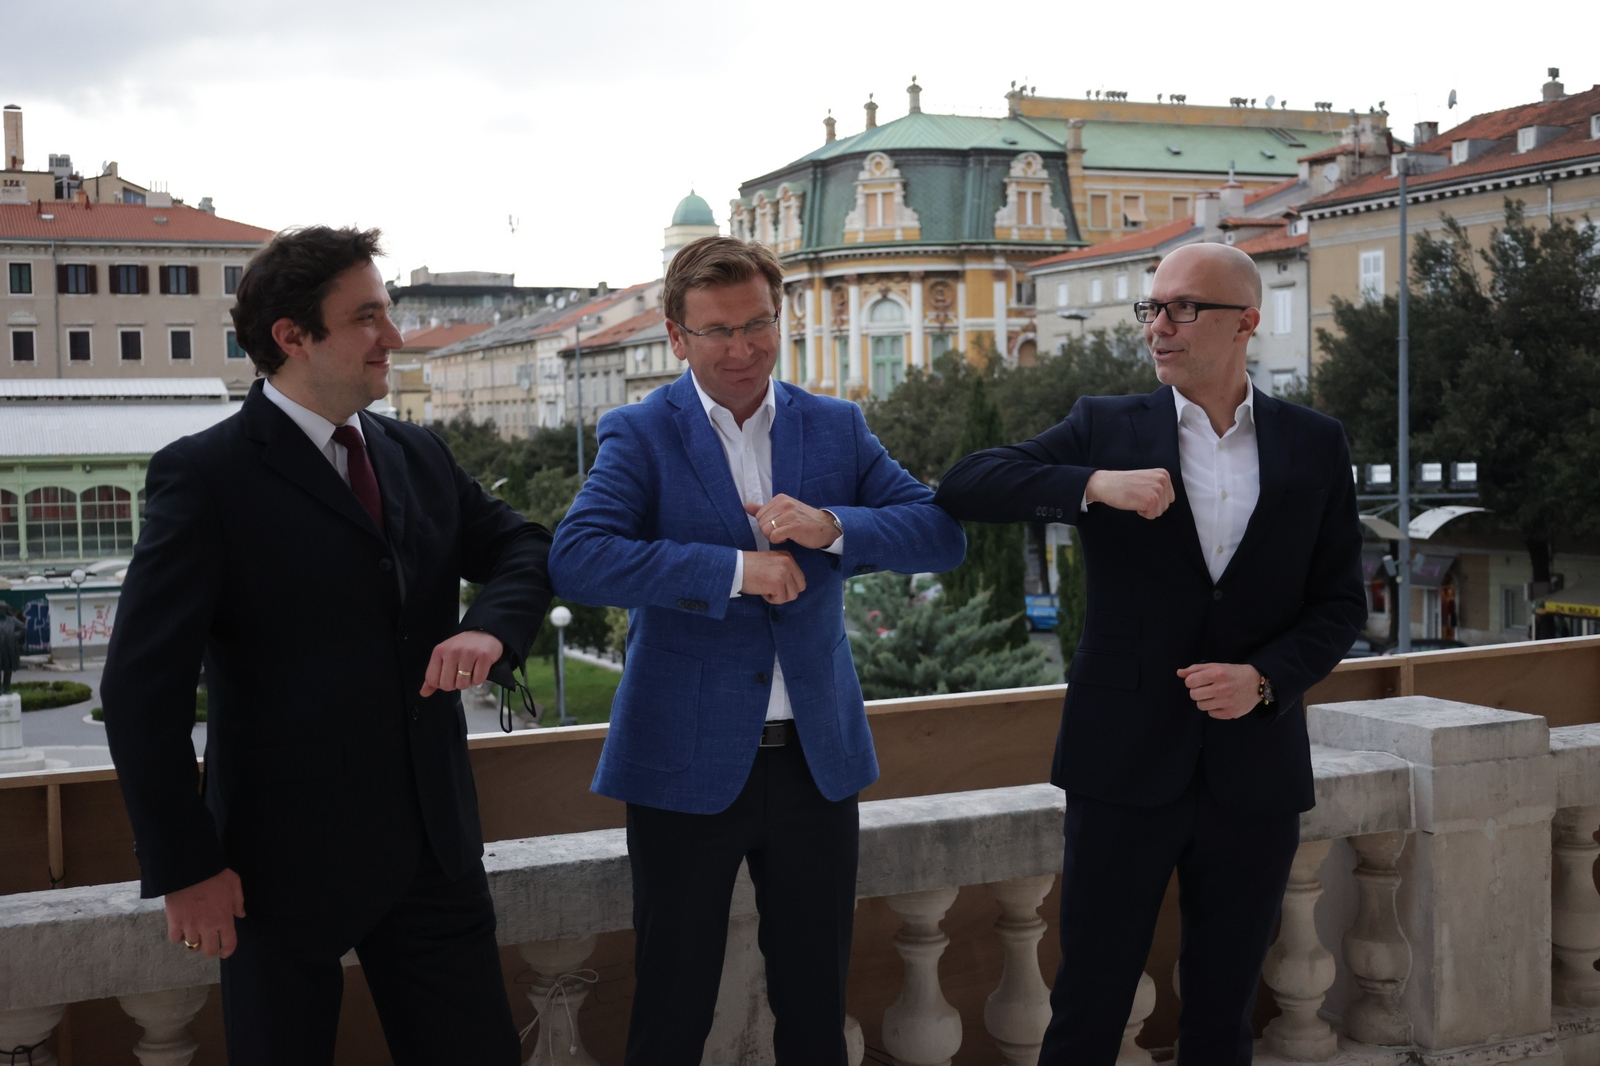 Potpisan sporazum o suradnji između Opere HNK Ivana pl. Zajca i Zagrebačke filharmonije: na ponos i Rijeci i Zagrebu